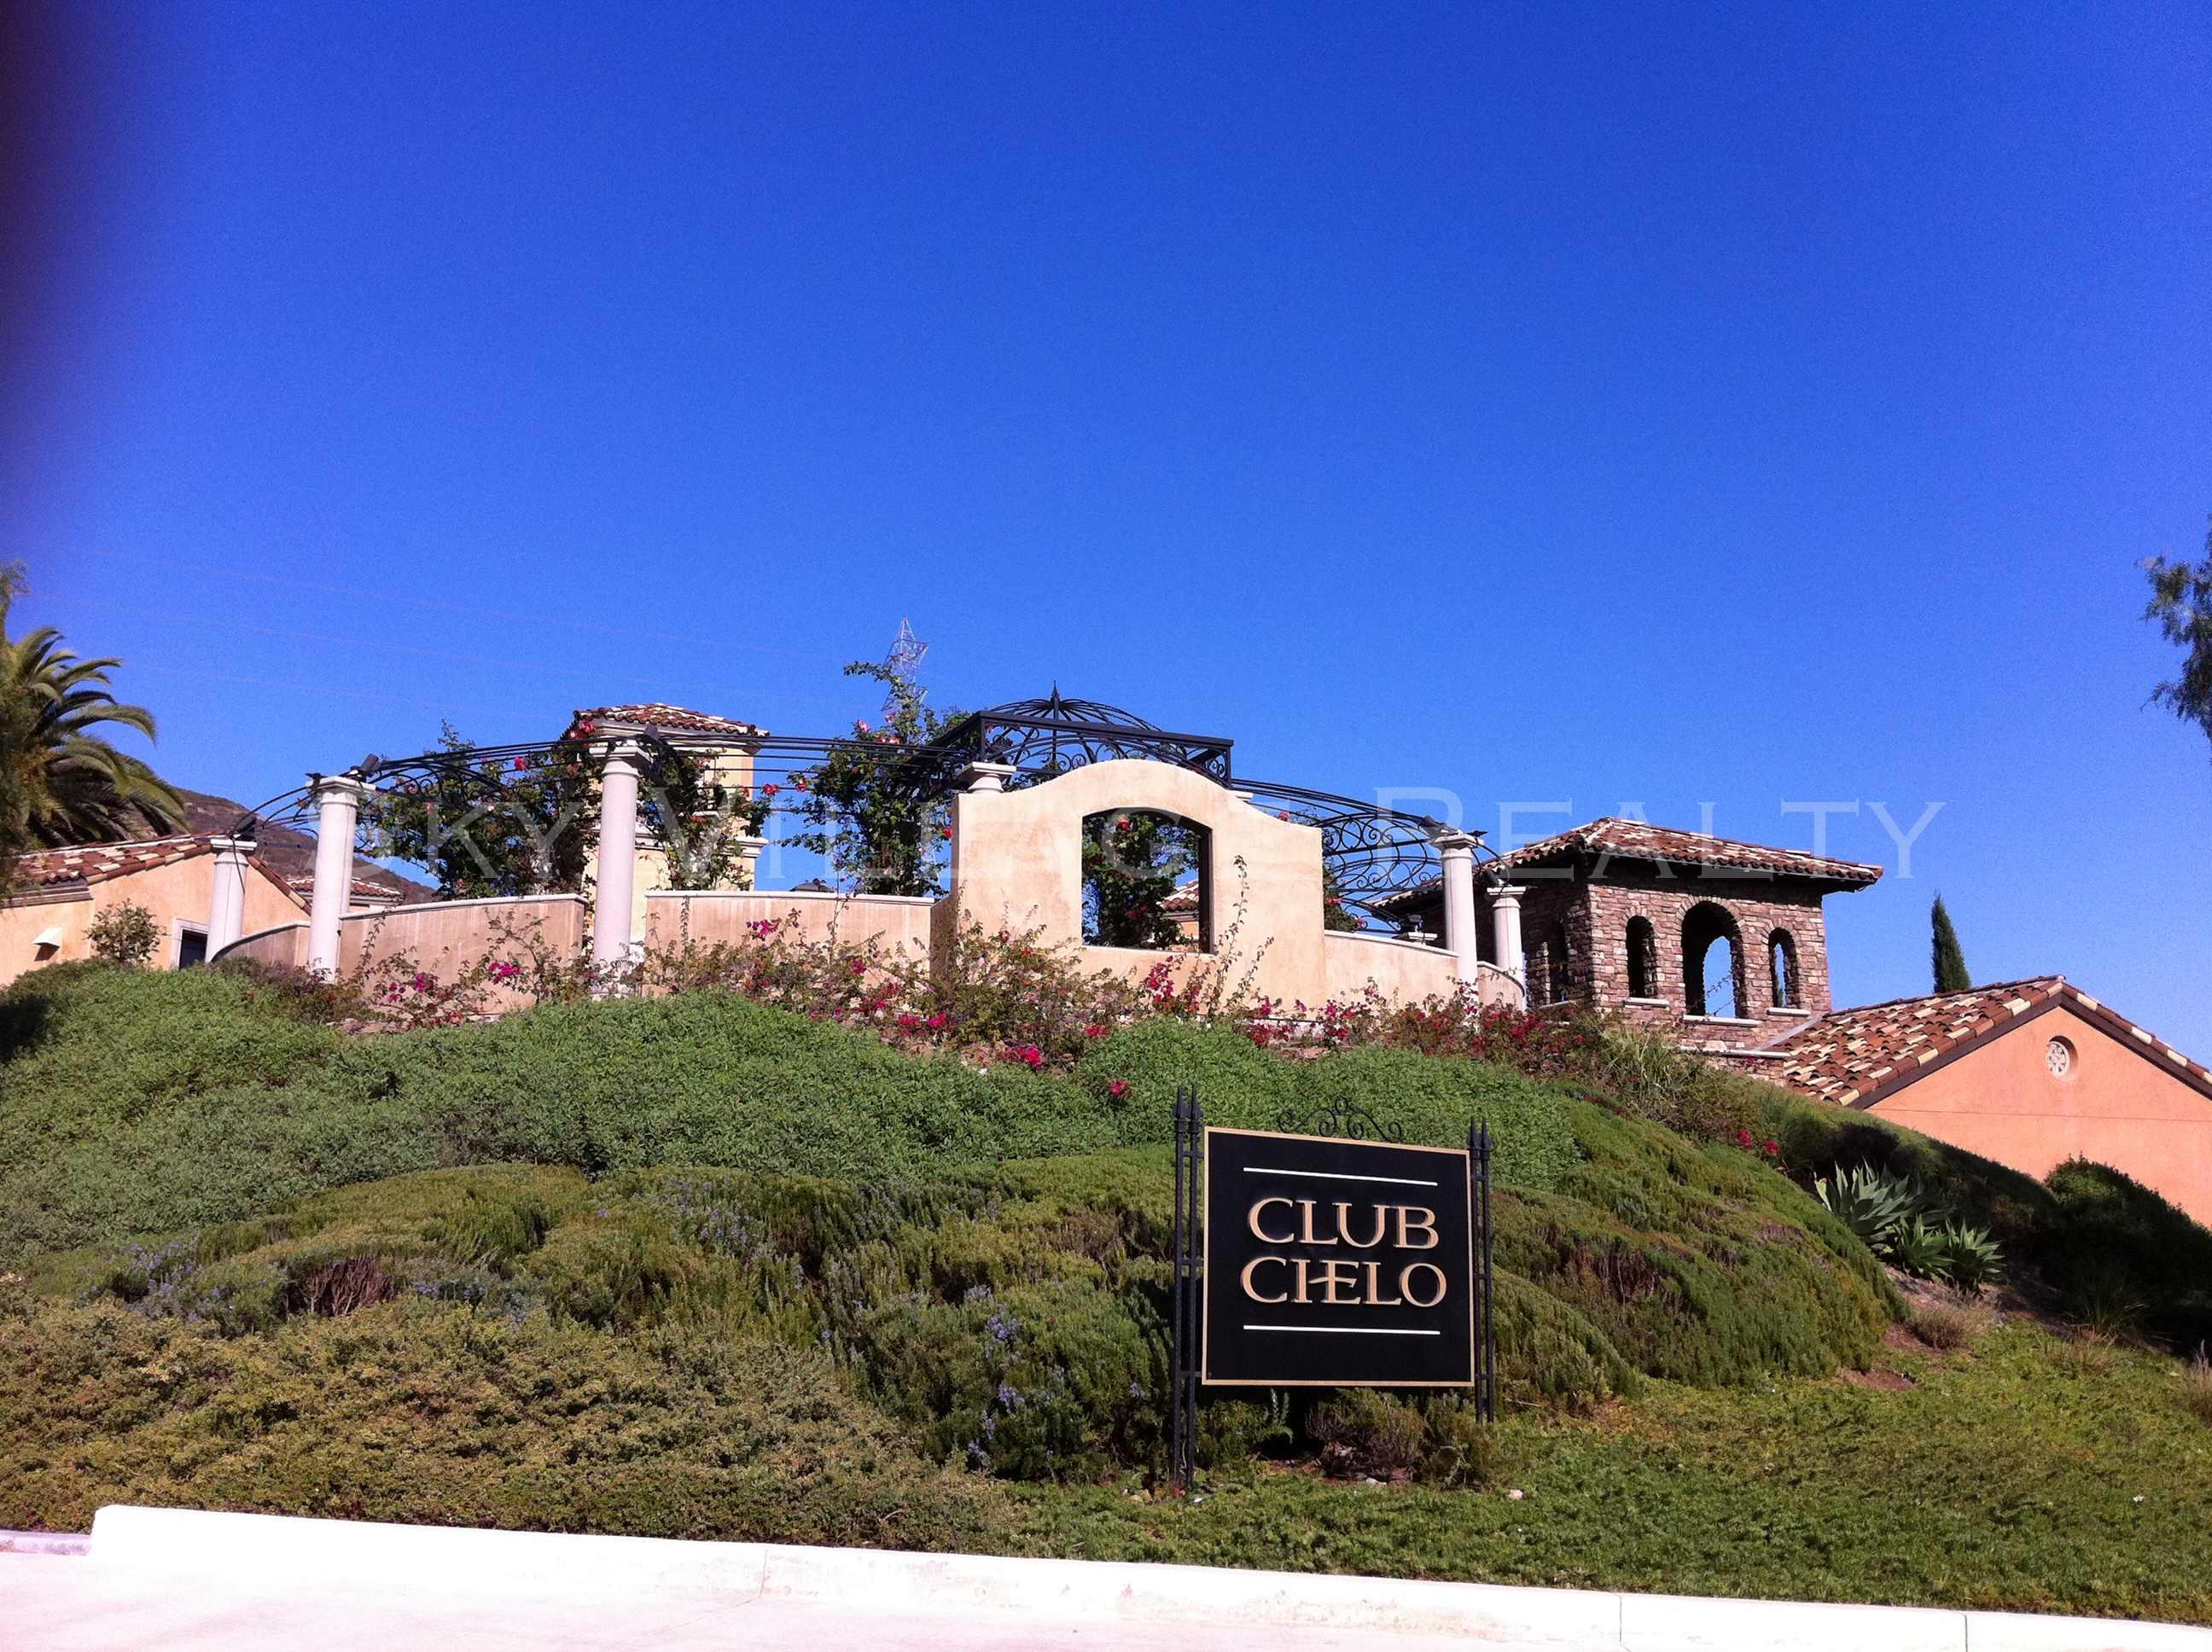 Cielo Homes in Rancho Santa Fe